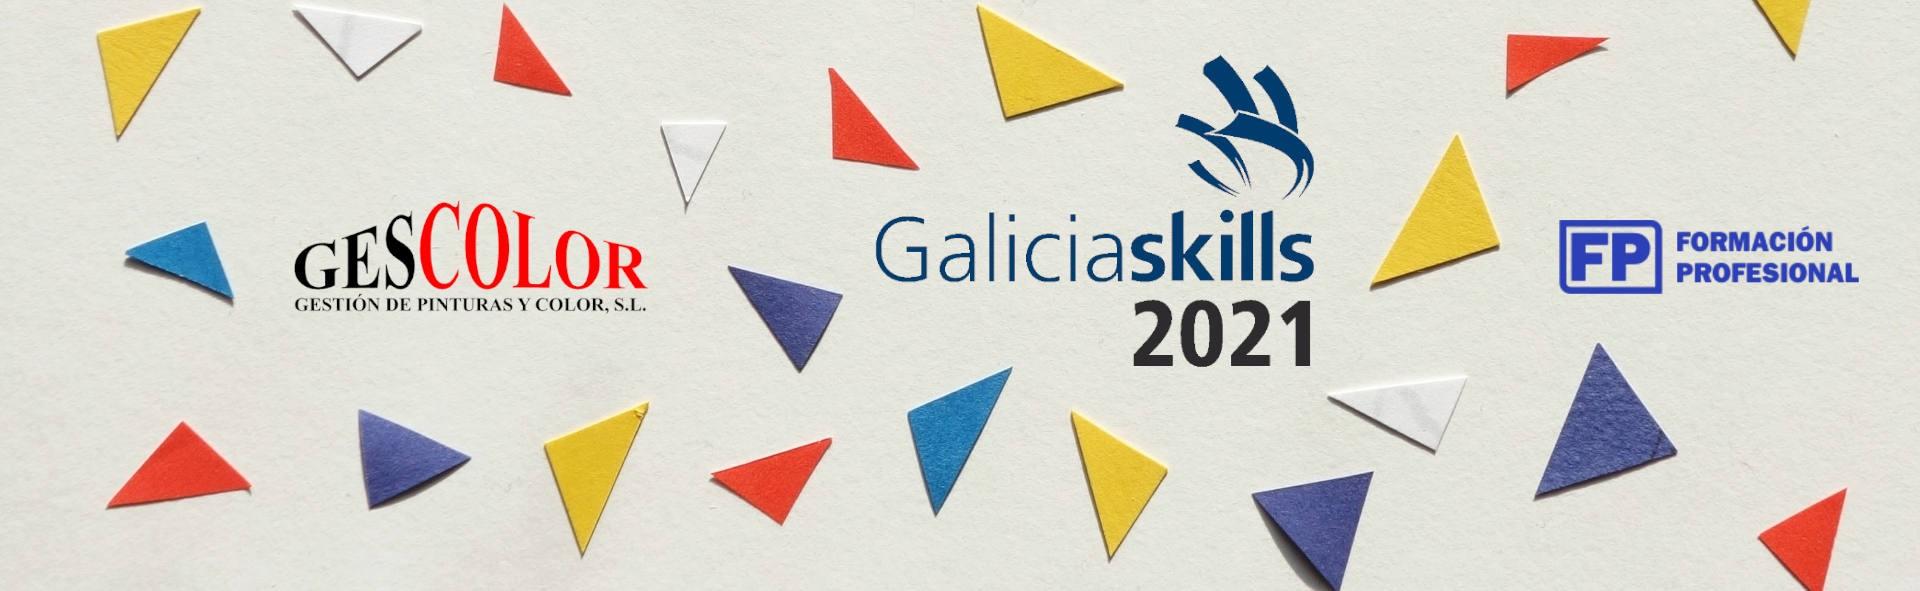 Galiciaskills